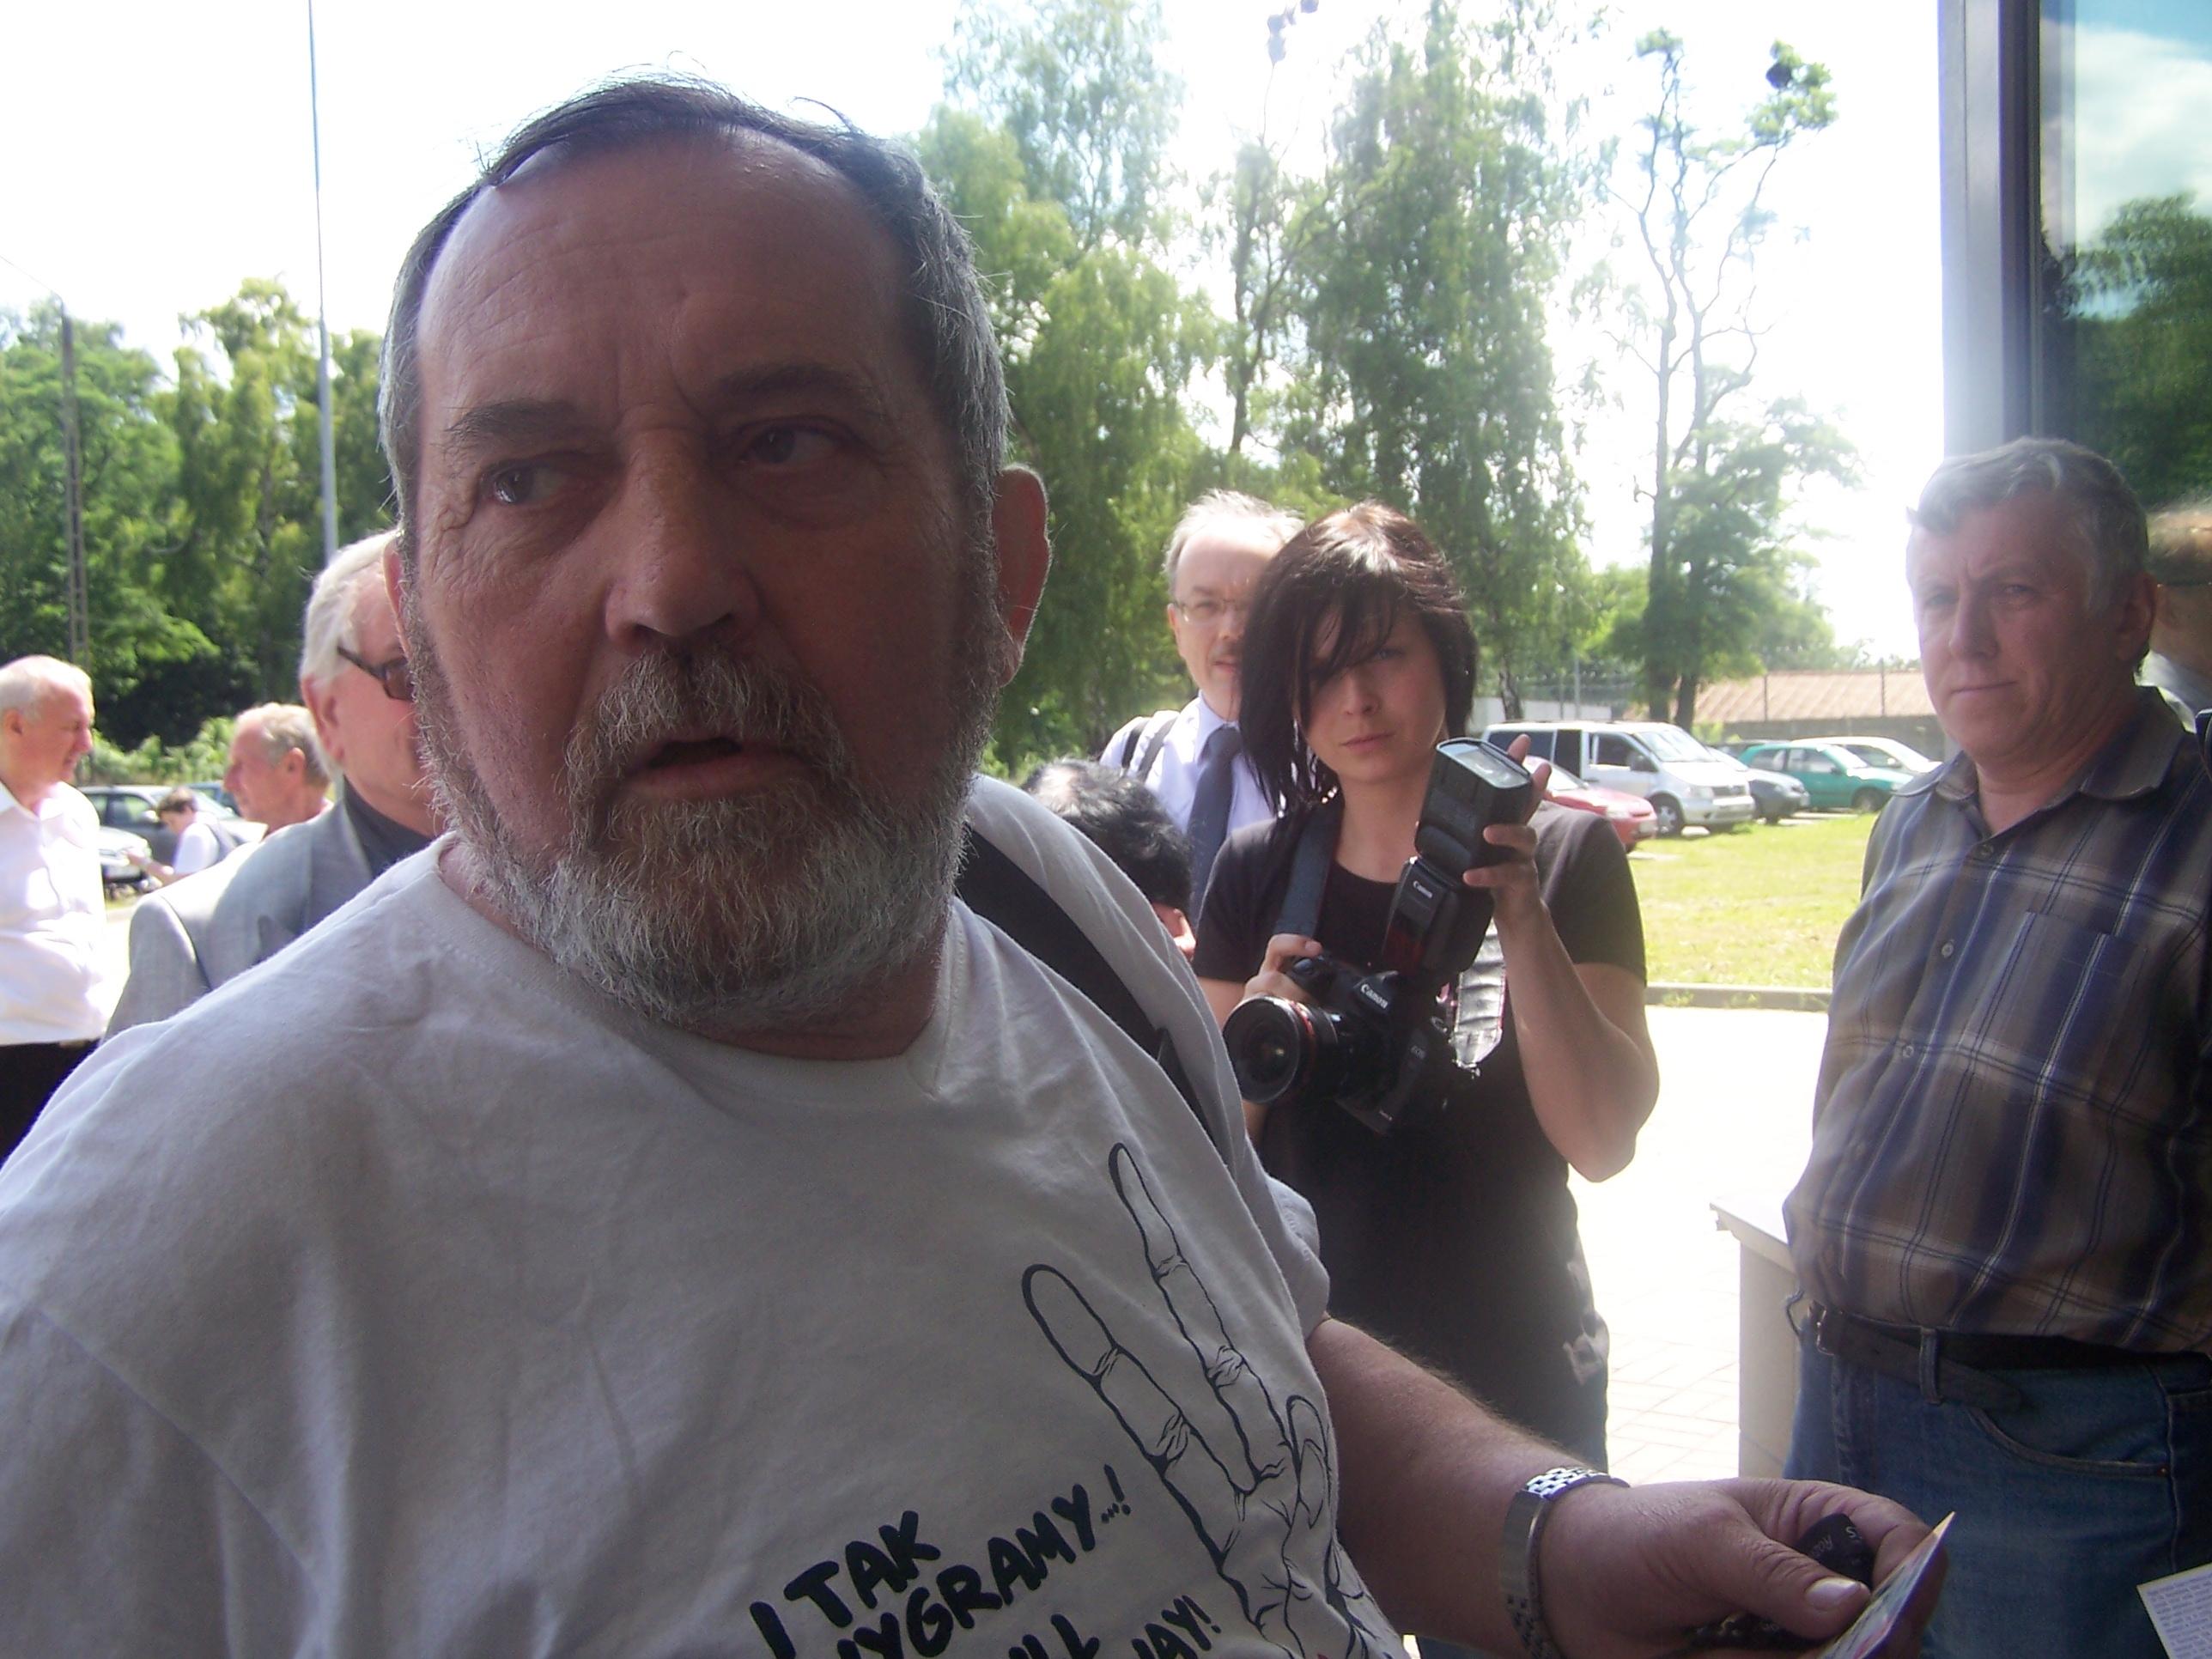 WOLNY CZYN: W więzieniu w Wojkowicach Jaruzelski to nadal szef rządu!